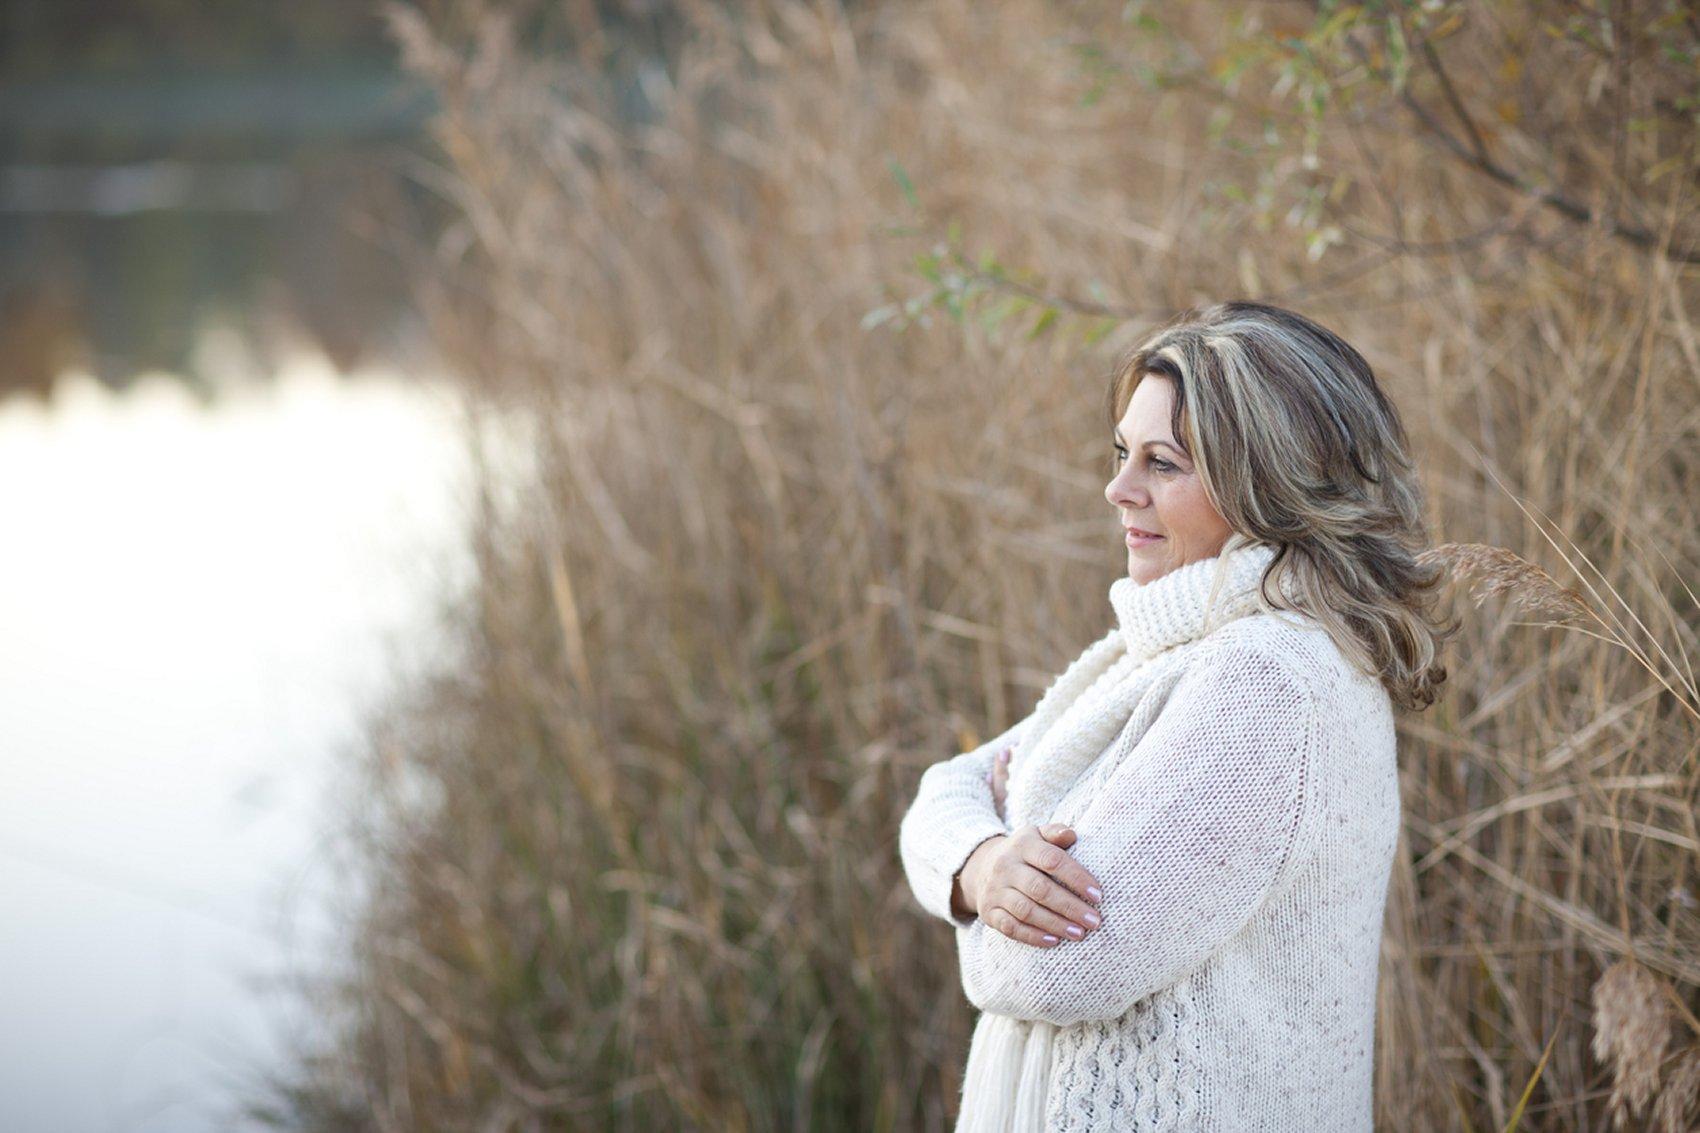 Diete Per Perdere Peso In Menopausa : Dimagrire in menopausa le cose da sapere